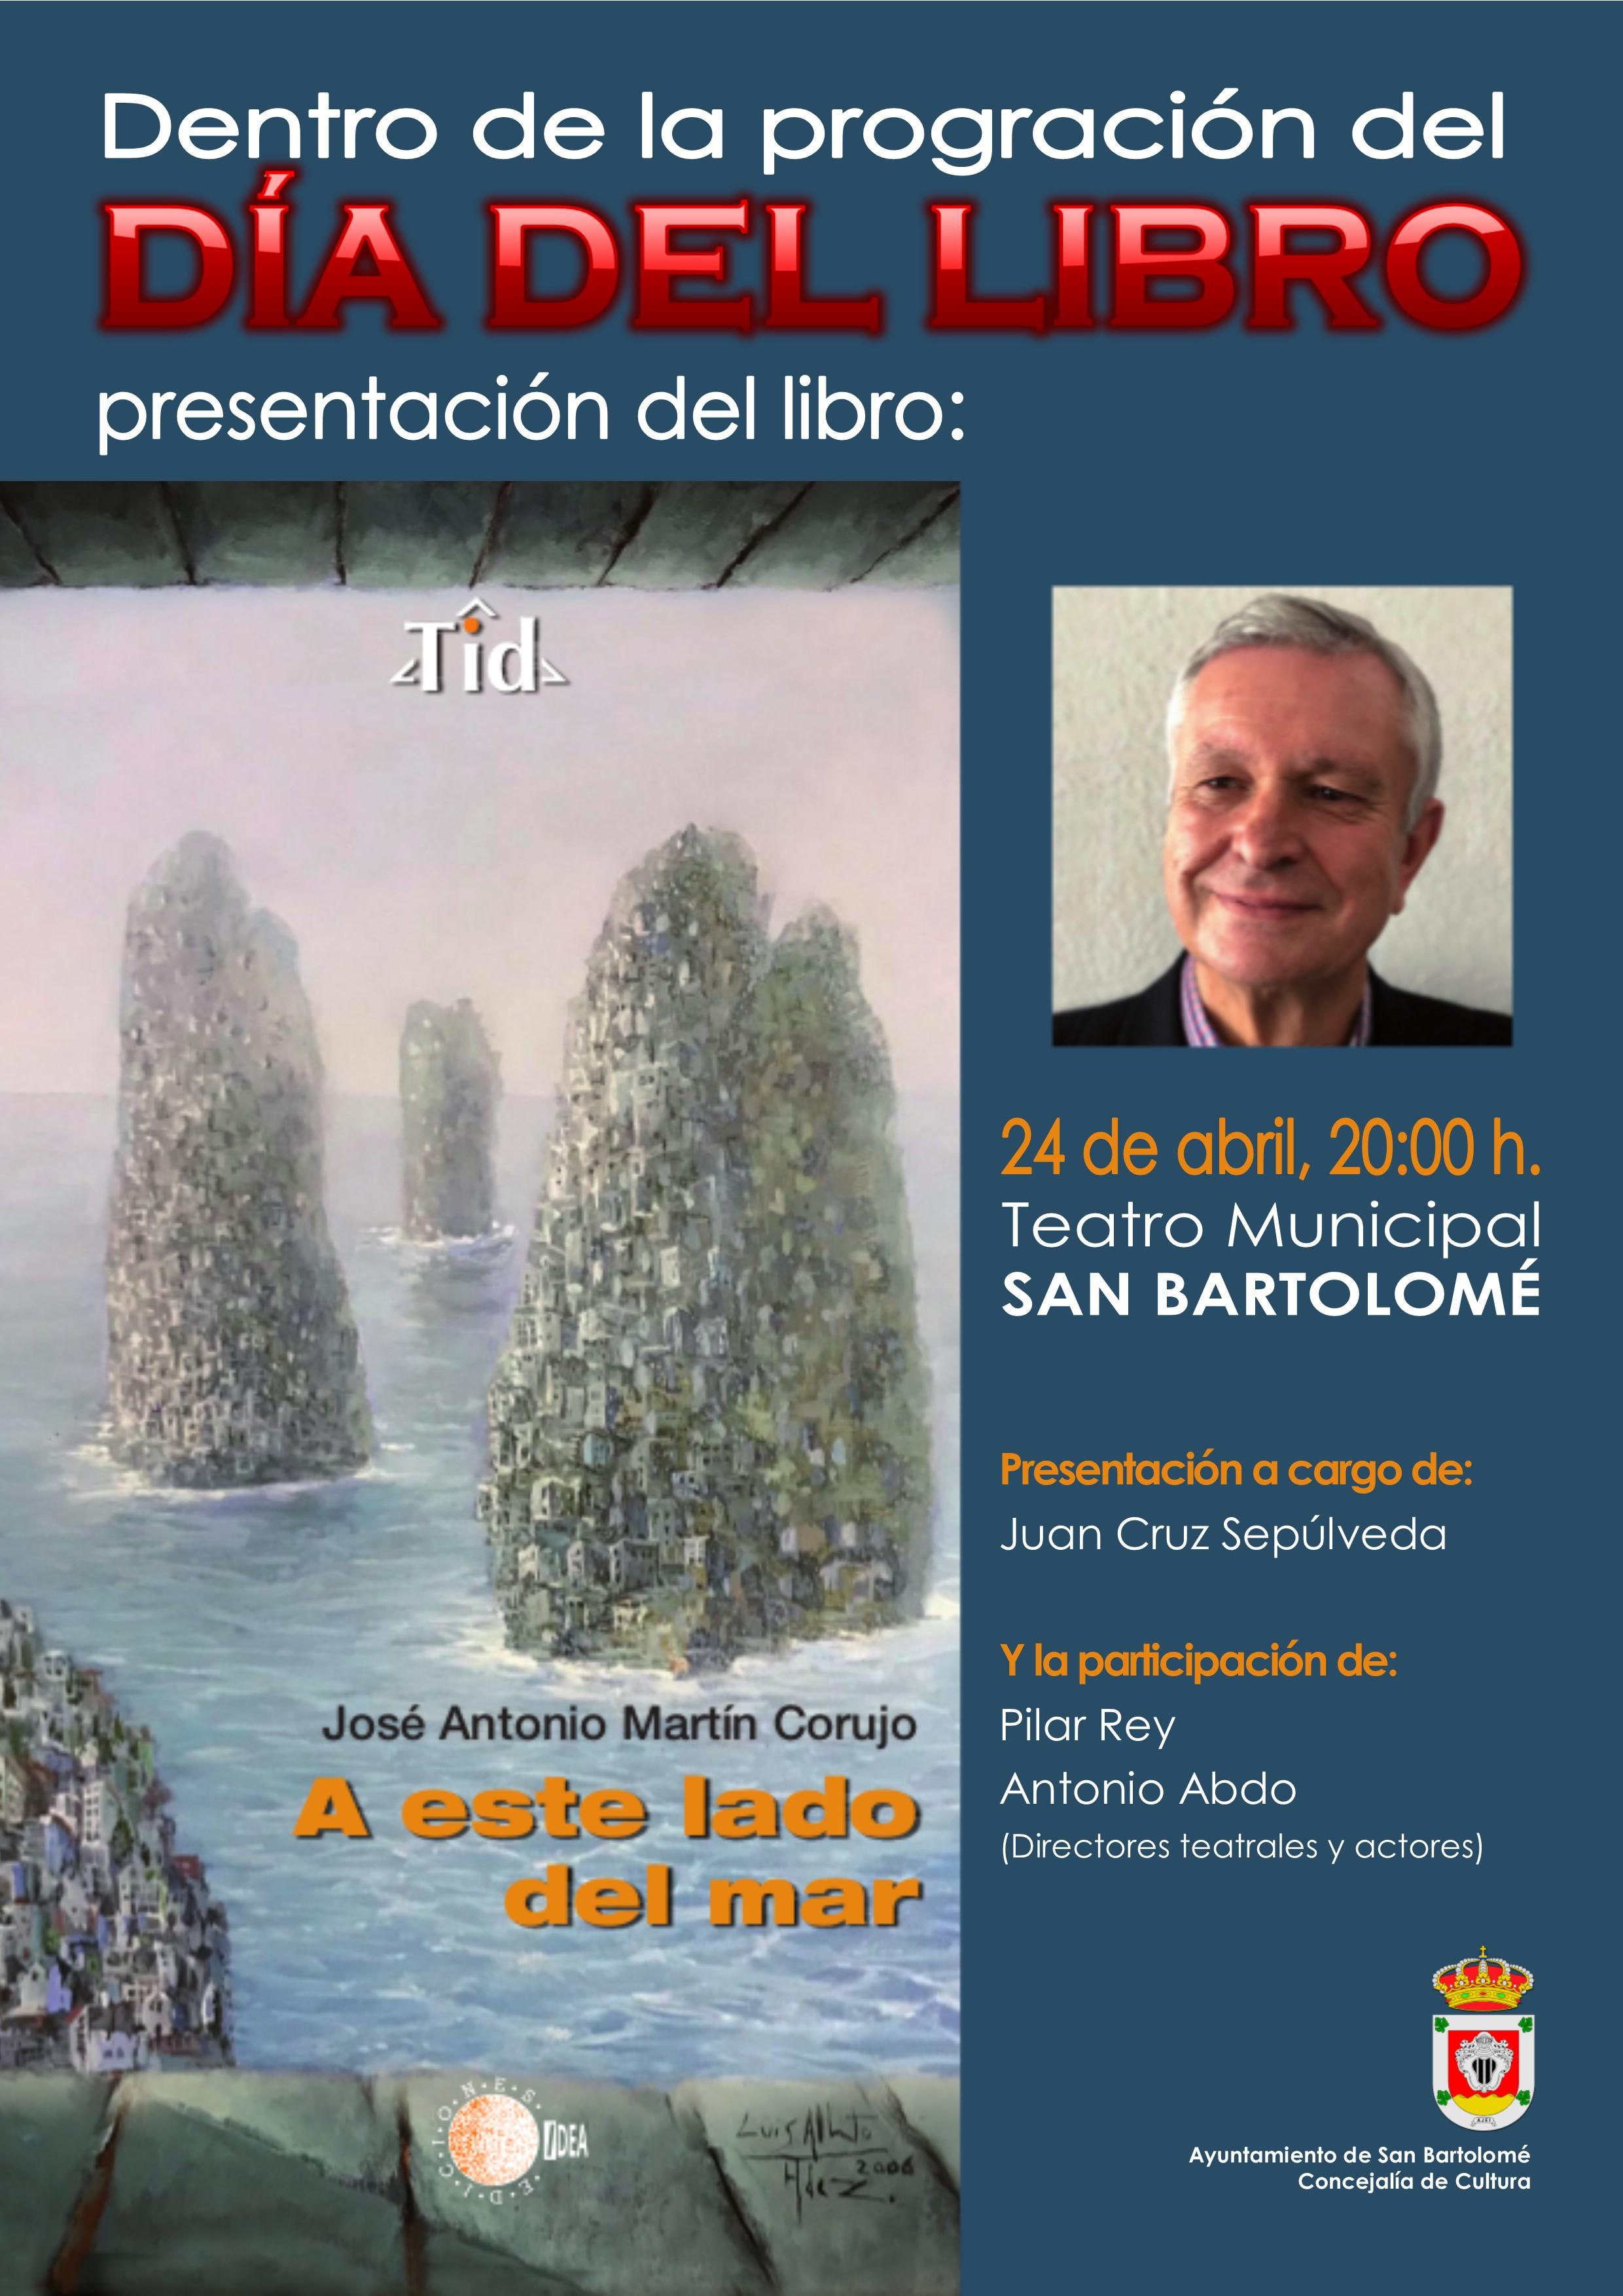 José Antonio Martín Corujo, escritor oriundo de San Bartolomé, presenta su obra 'A este lado del mar' el miércoles 24 de abril a las 20.00 horas en el Teatro Municipal